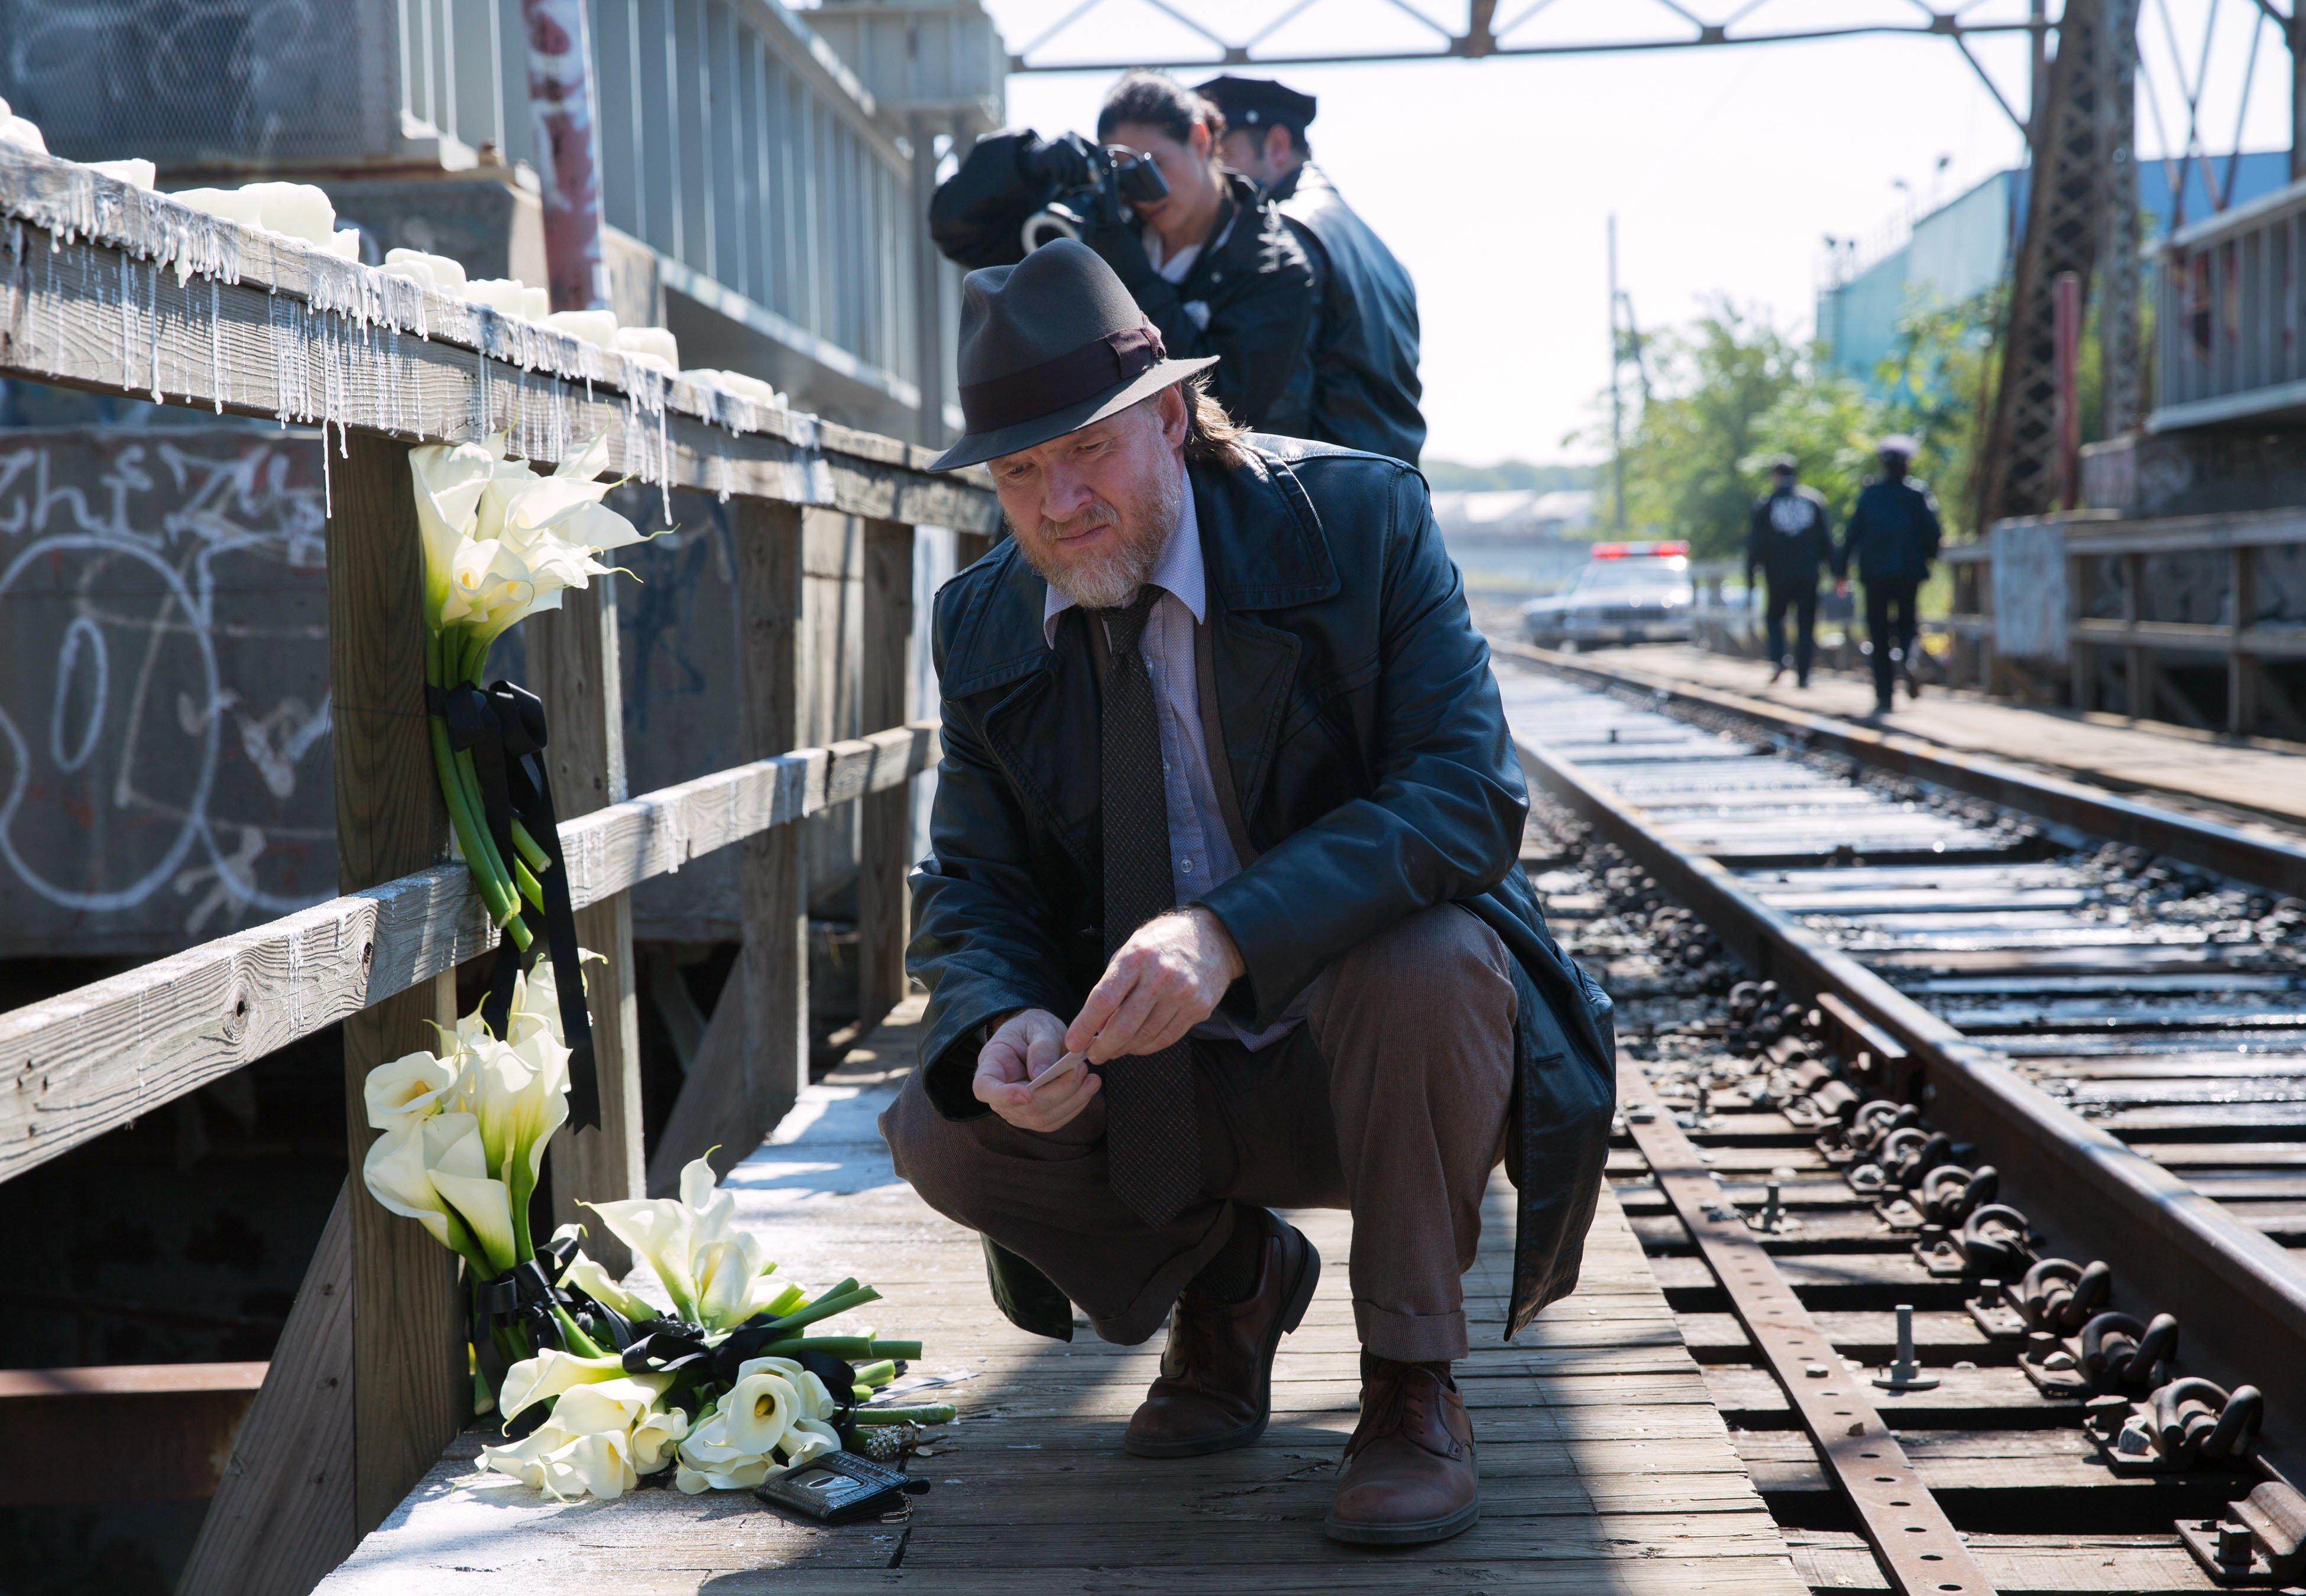 Gotham_106_RailRoadBridge_8365r_dd0bd8d3